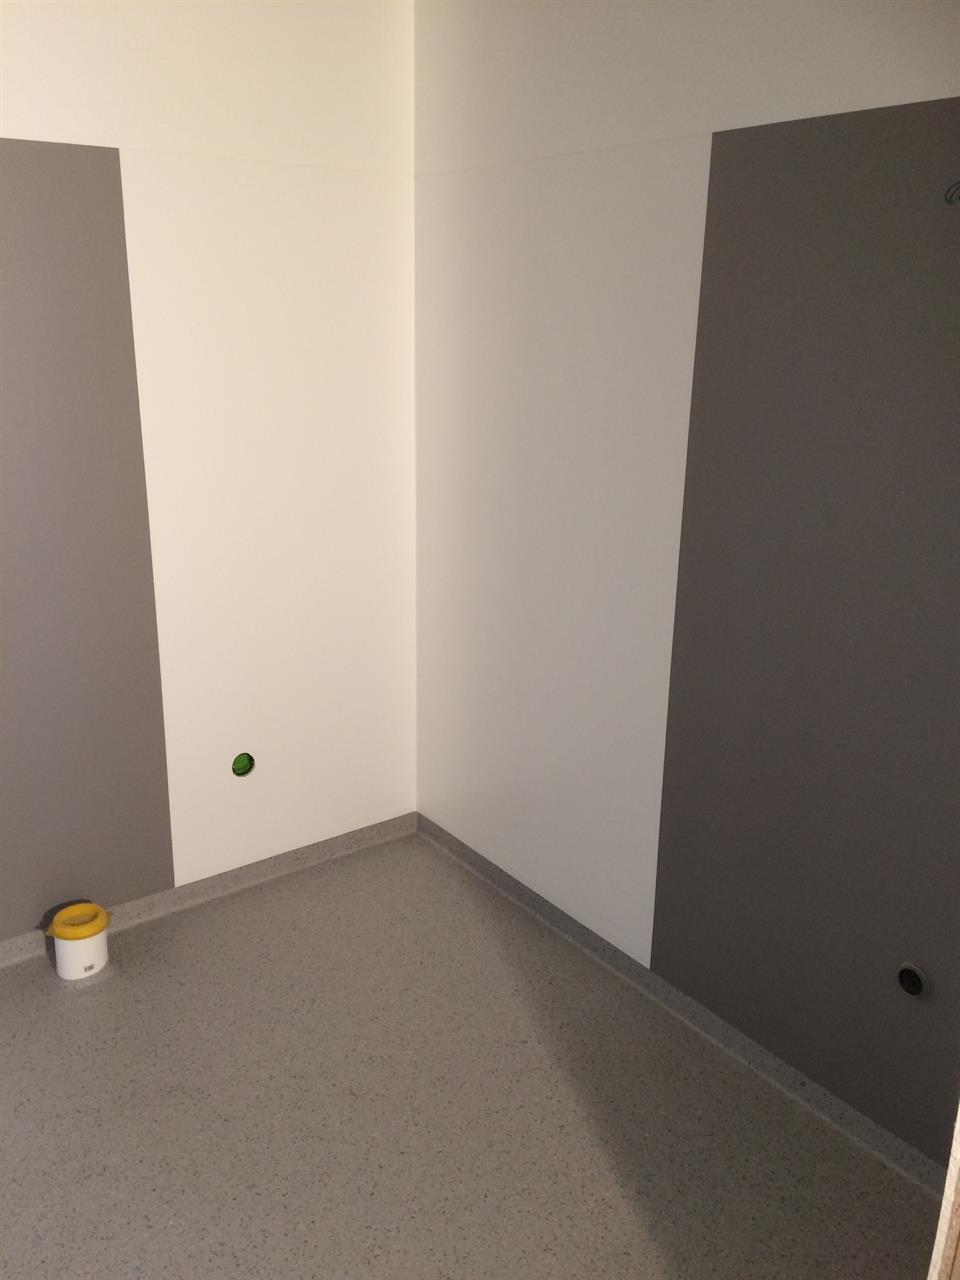 Våtrum - vinylmatta i två olika kulörer på vägg